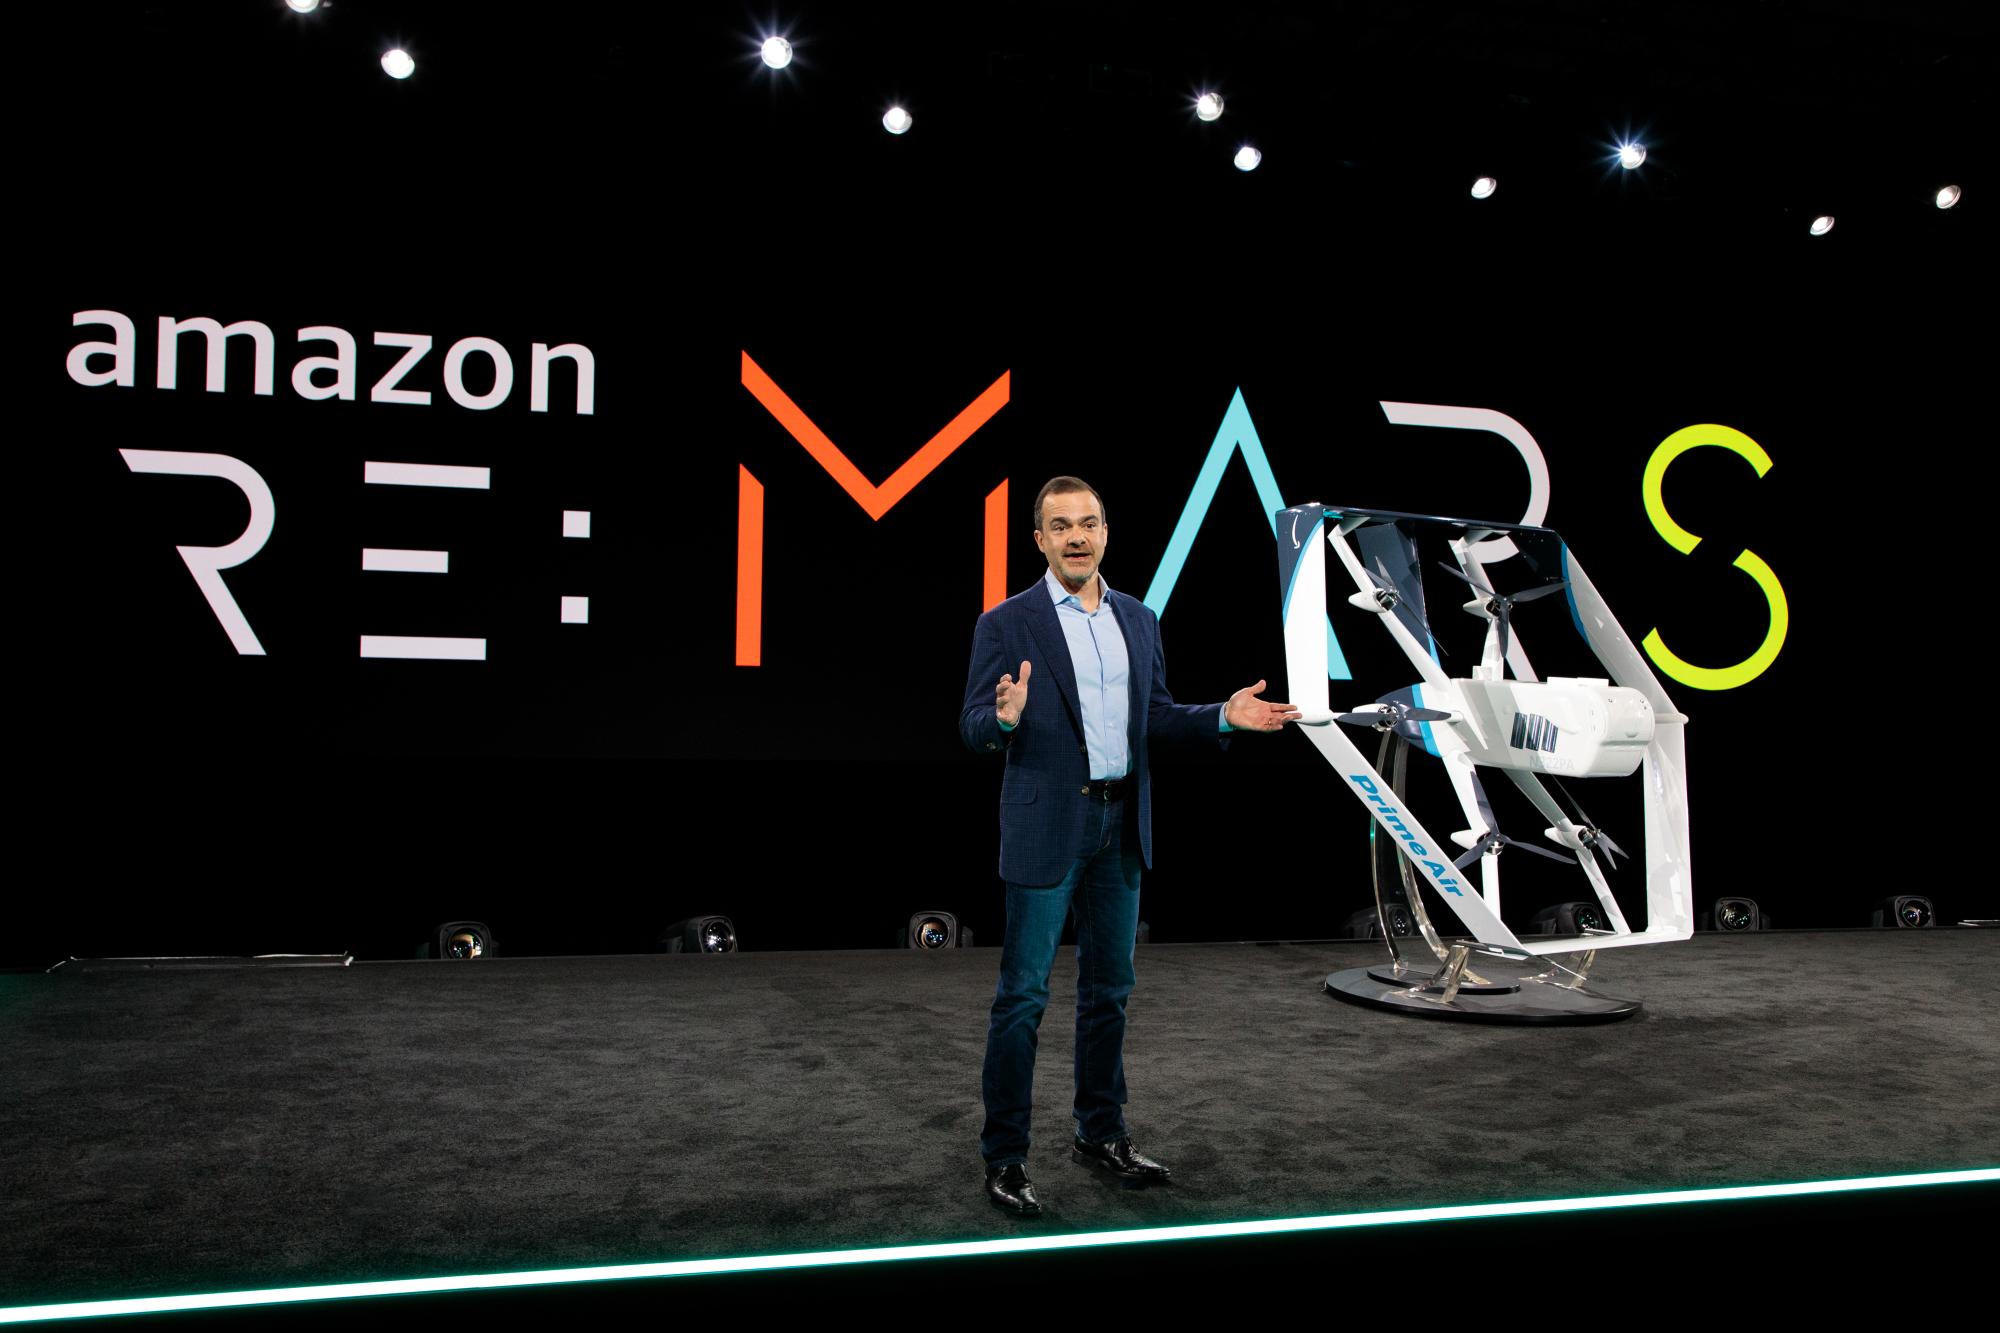 Amazon kündigt Lieferungen per Drohne binnen Monaten an - Schlaglichter